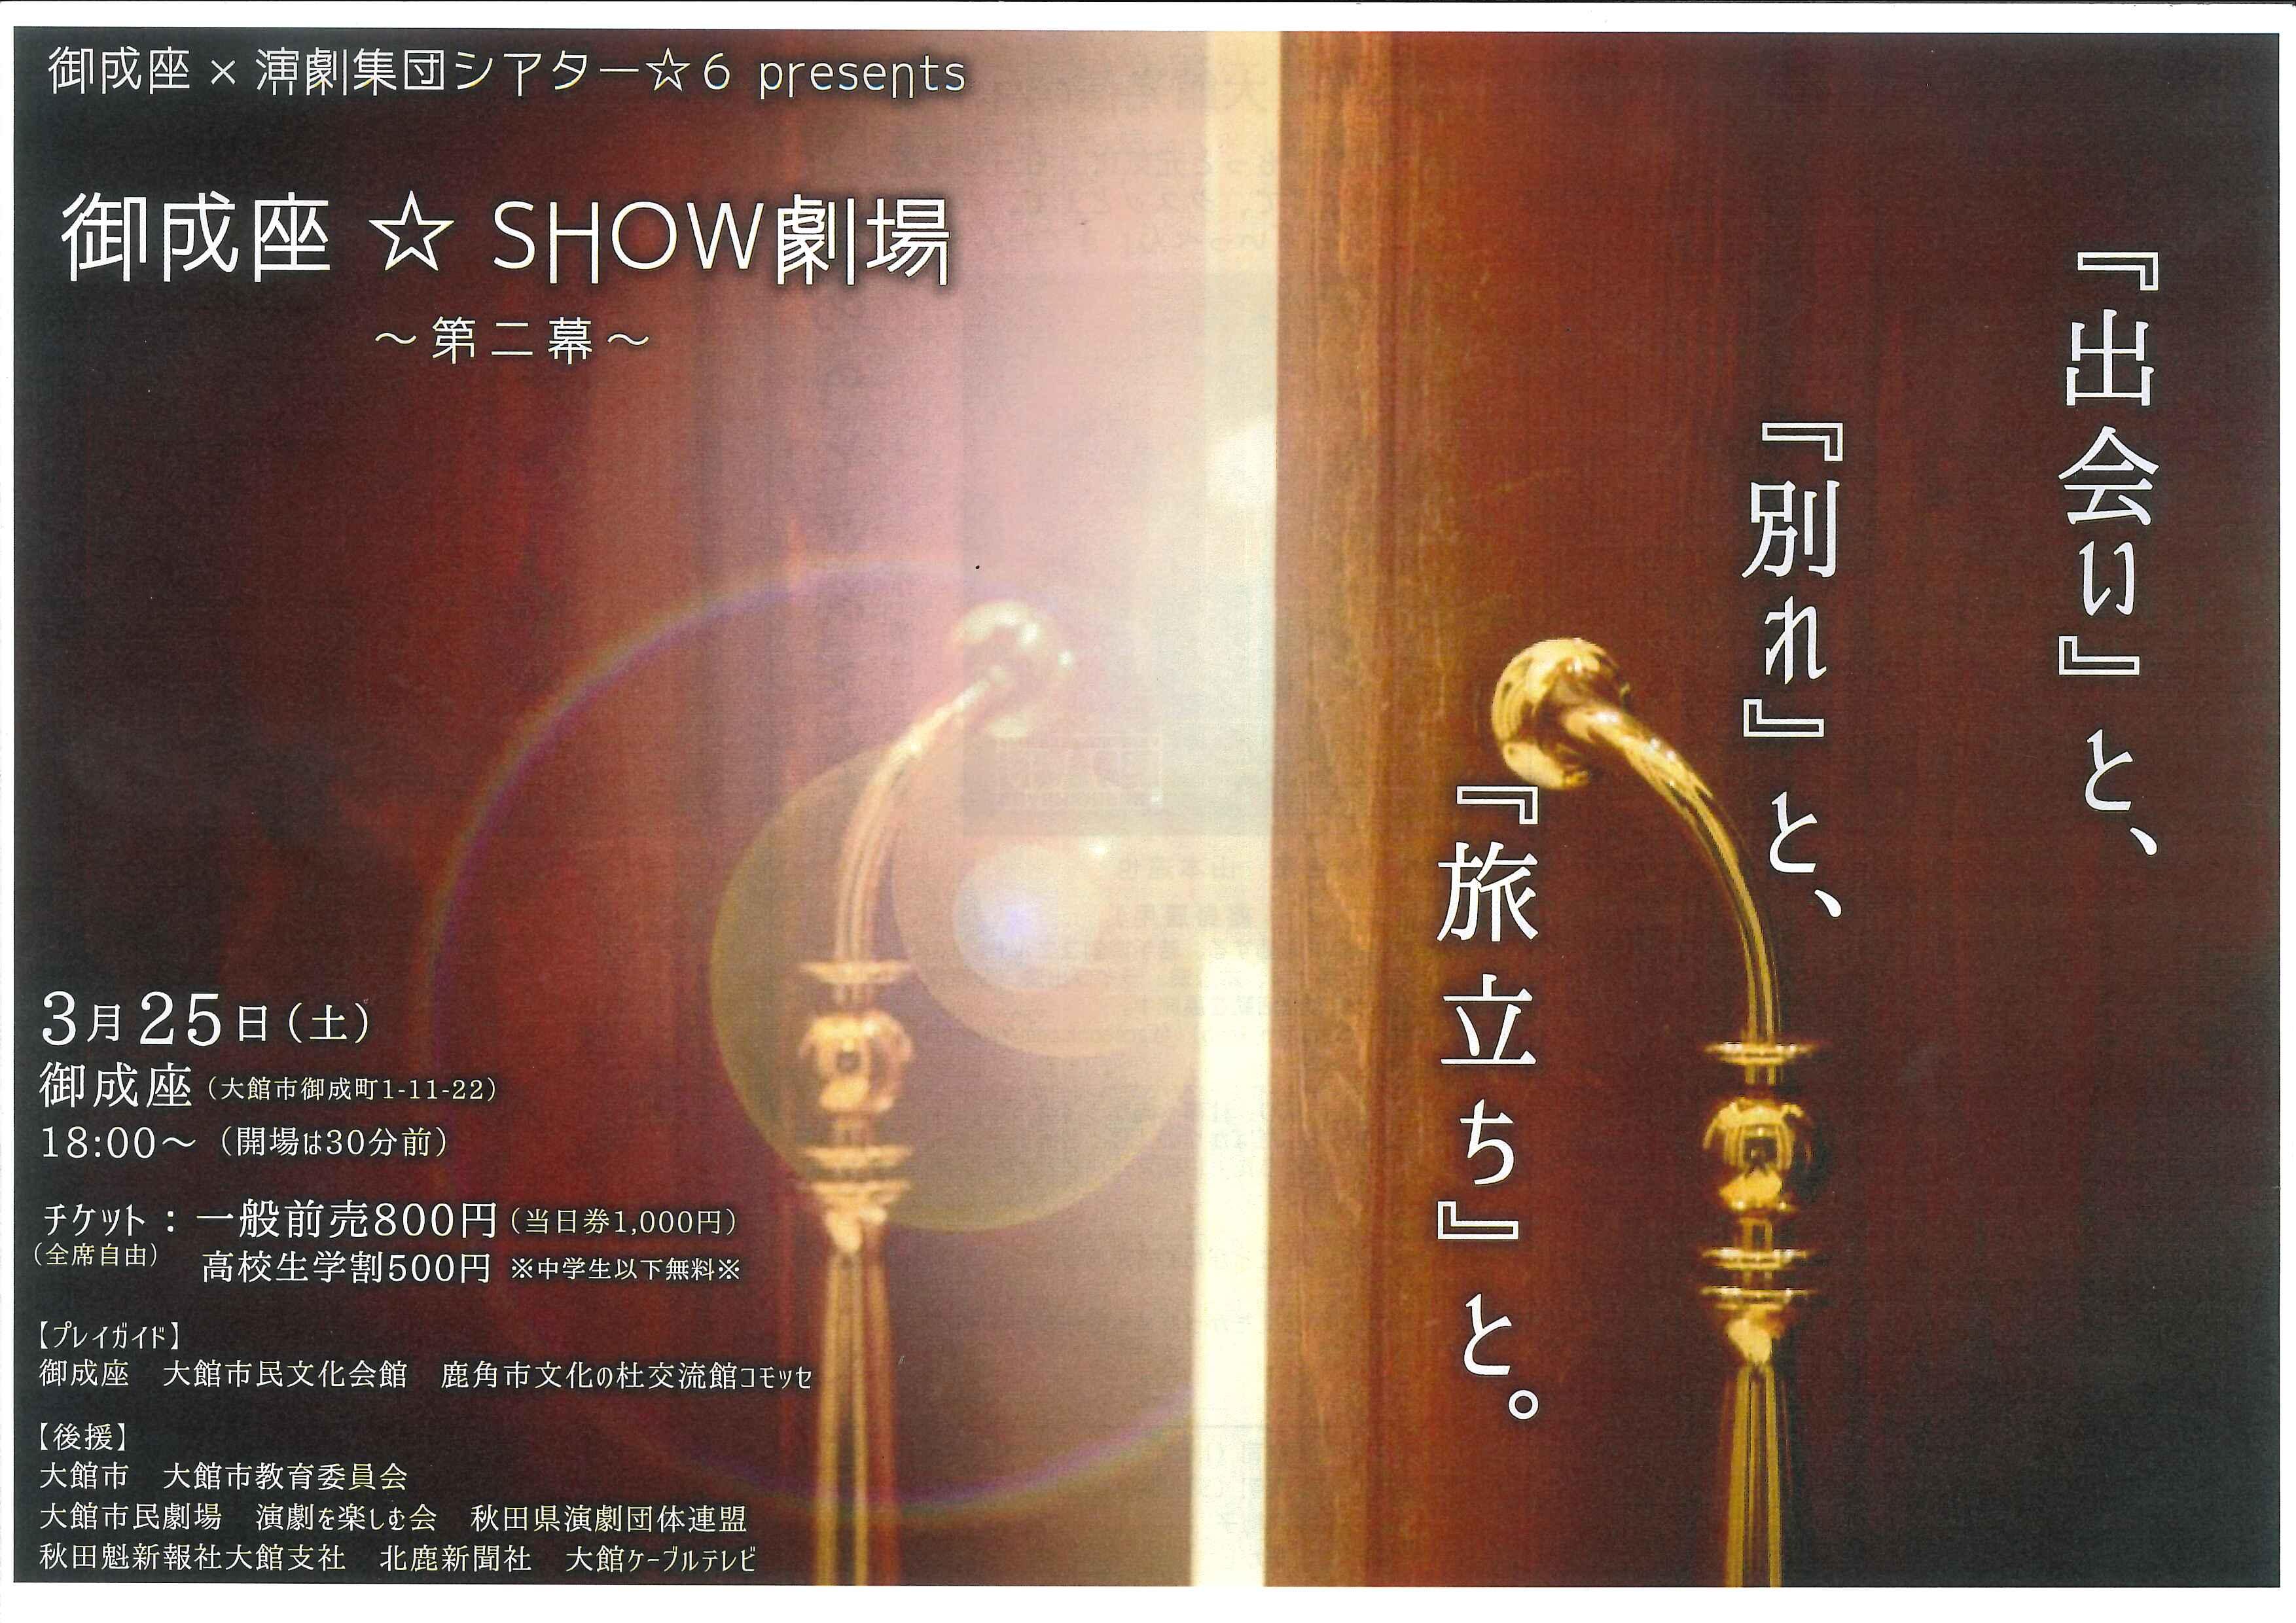 御成座SHOW劇場チラシ